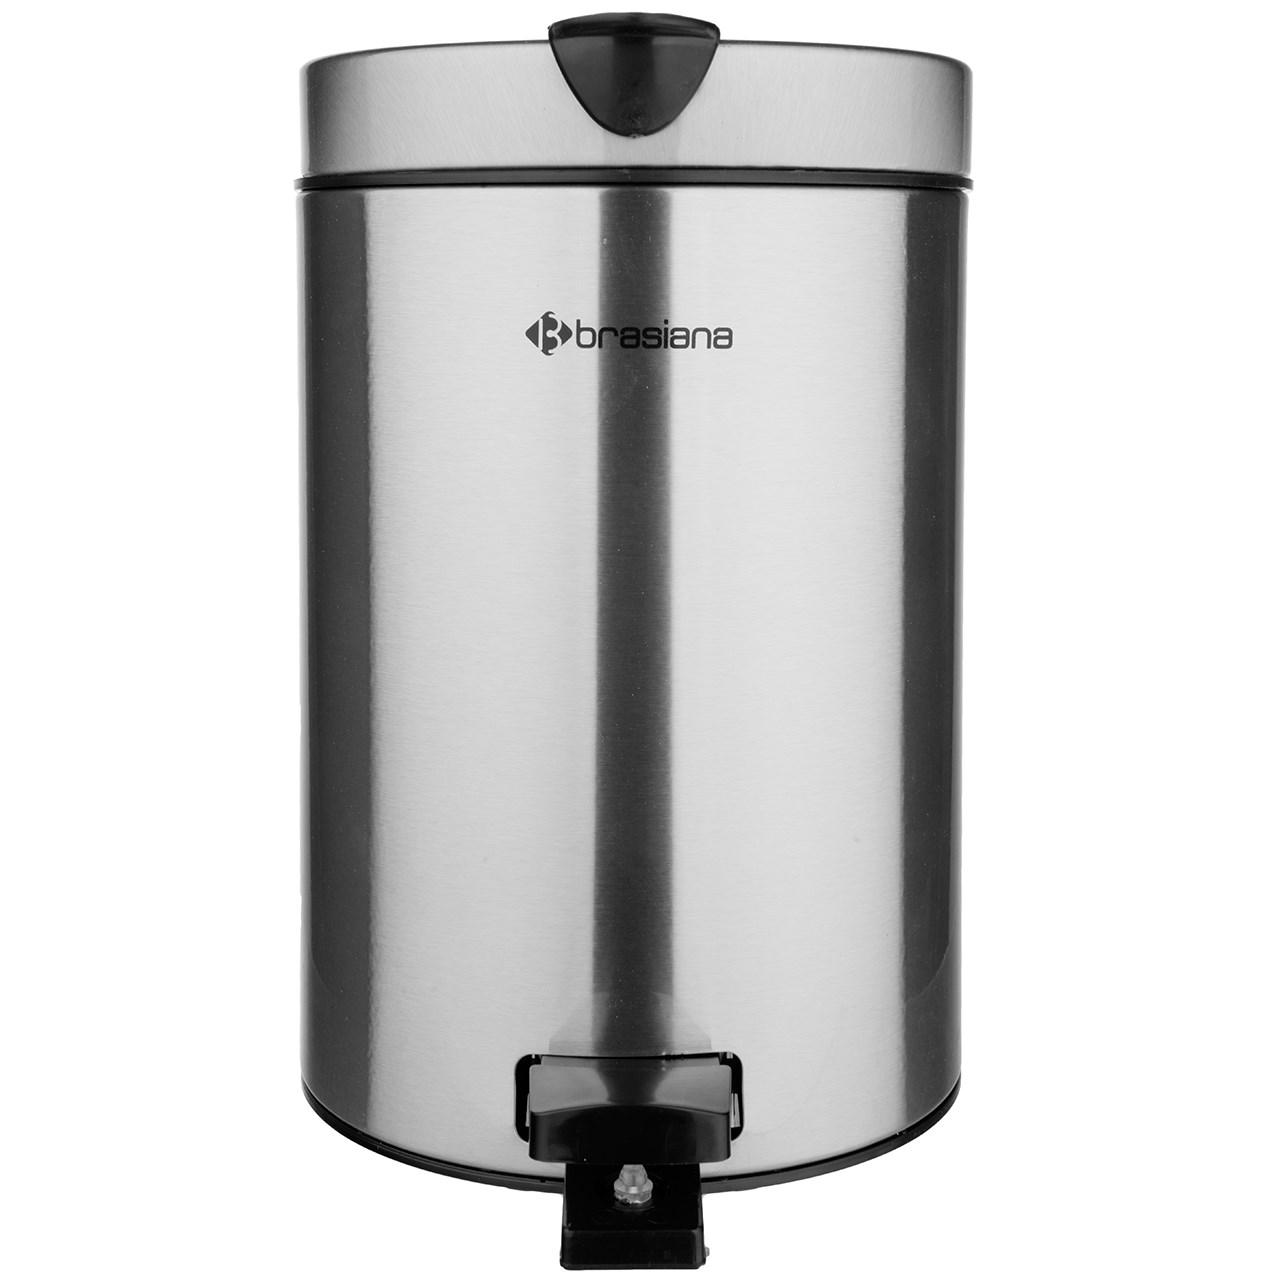 سطل زباله براسیانا مدل BPB-110 گنجایش 3 لیتر